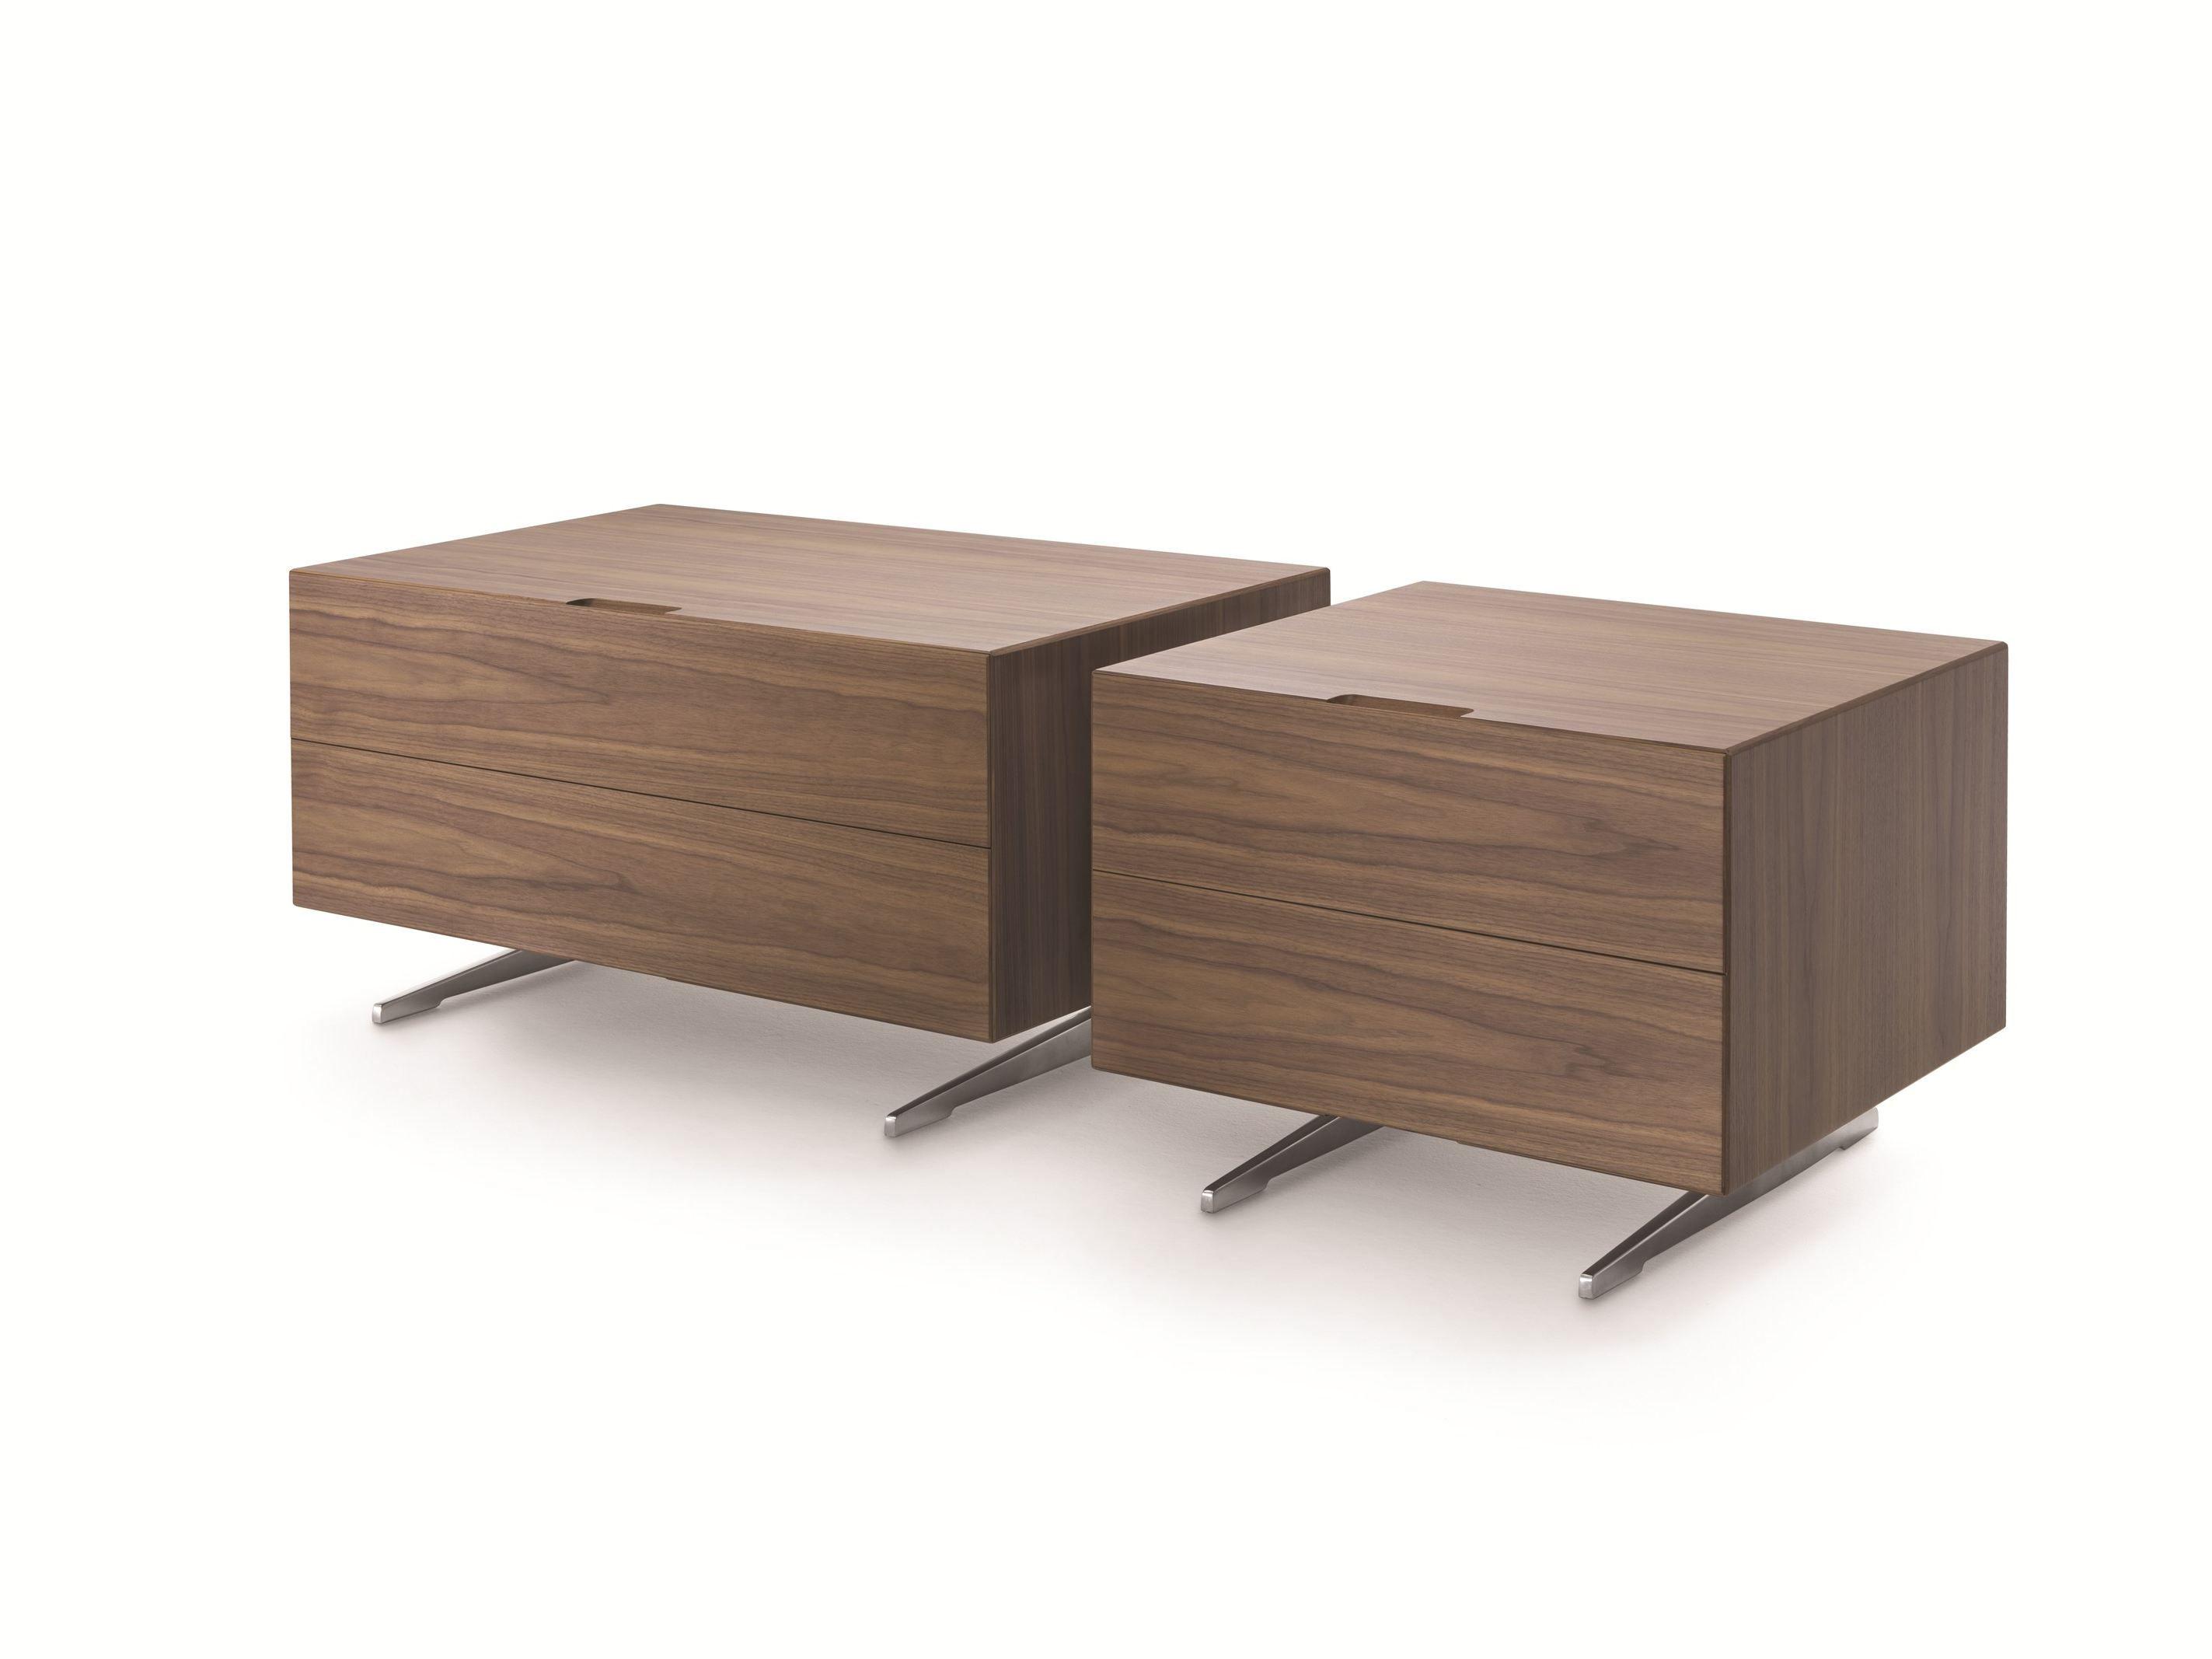 Table de nuit rectangulaire en bois avec tiroirs piuma for Table de nuit bois